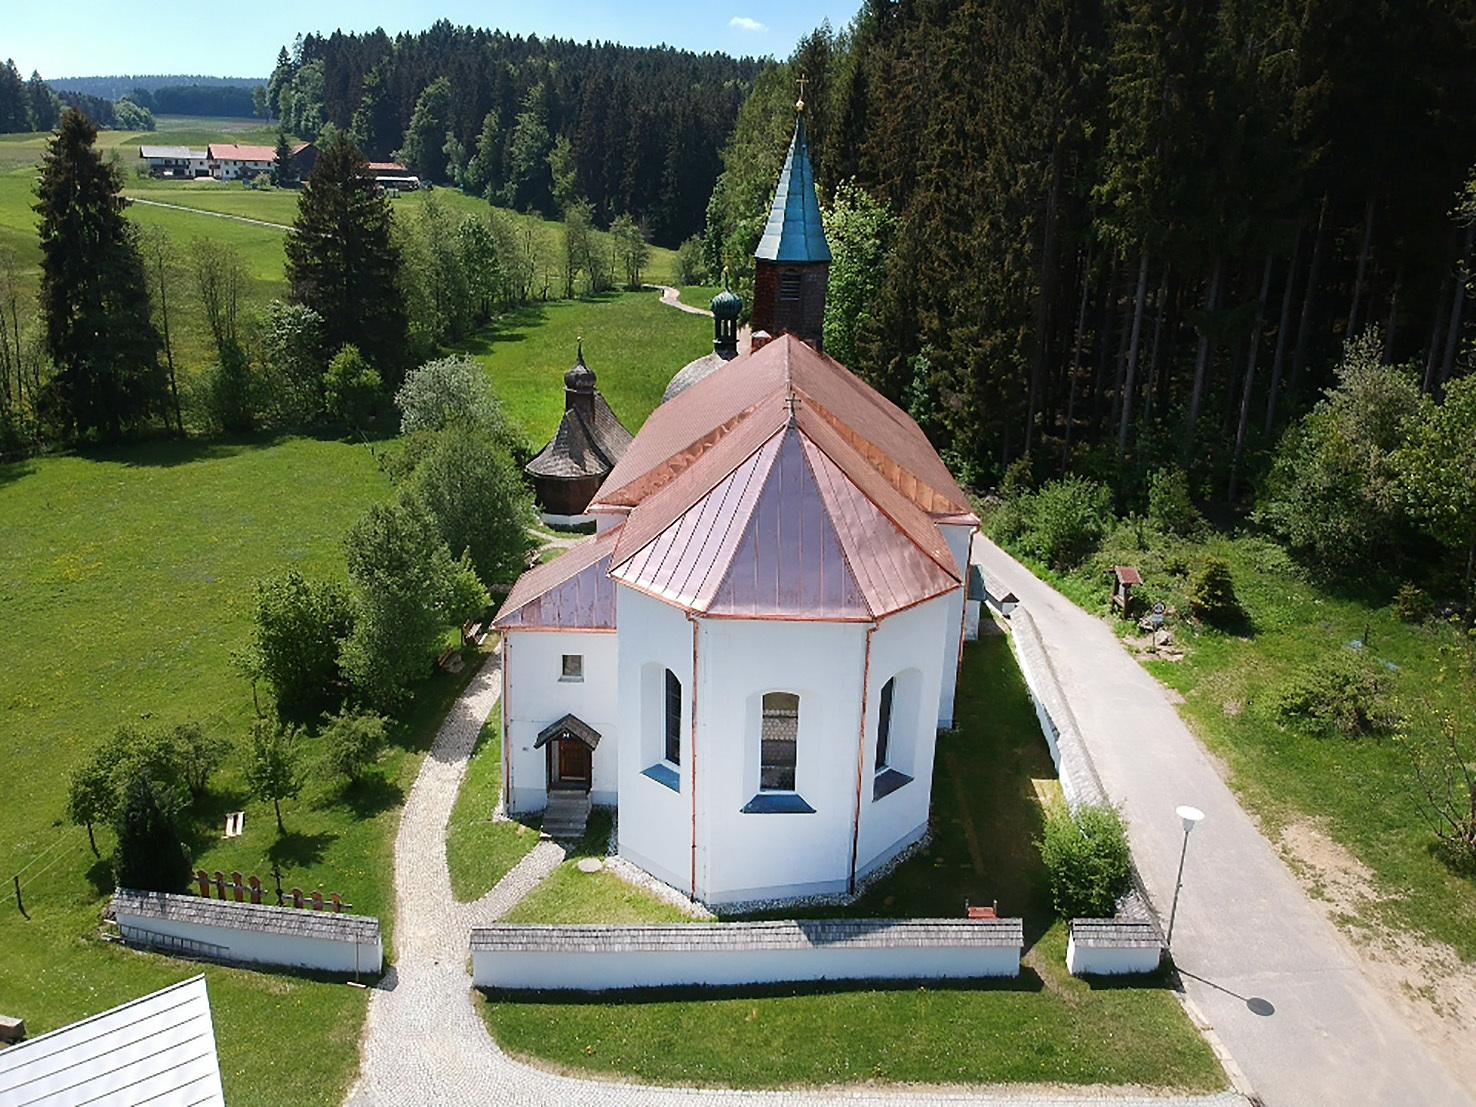 Wallfahrtskirche St. Hermann Bischofsmais, Renovierung